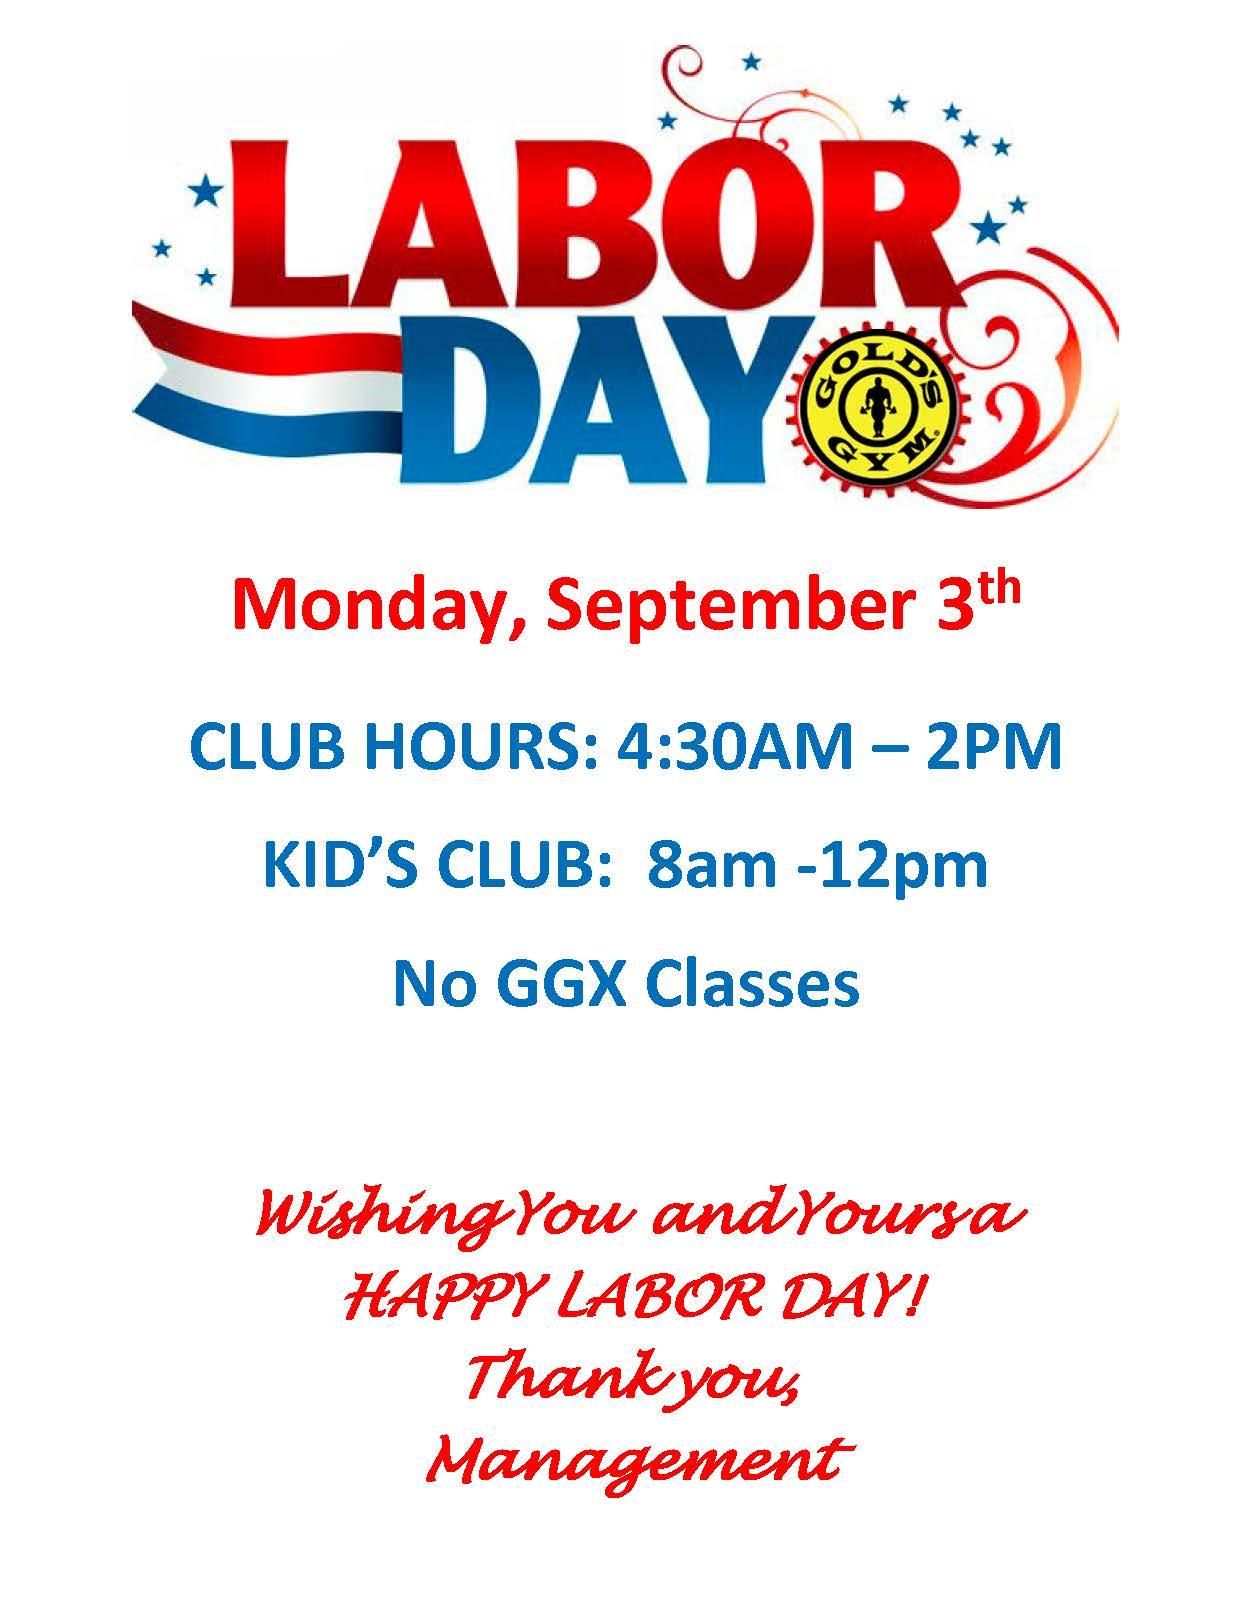 Gold S Gym Albemarle Labor Day Schedule Albemarle